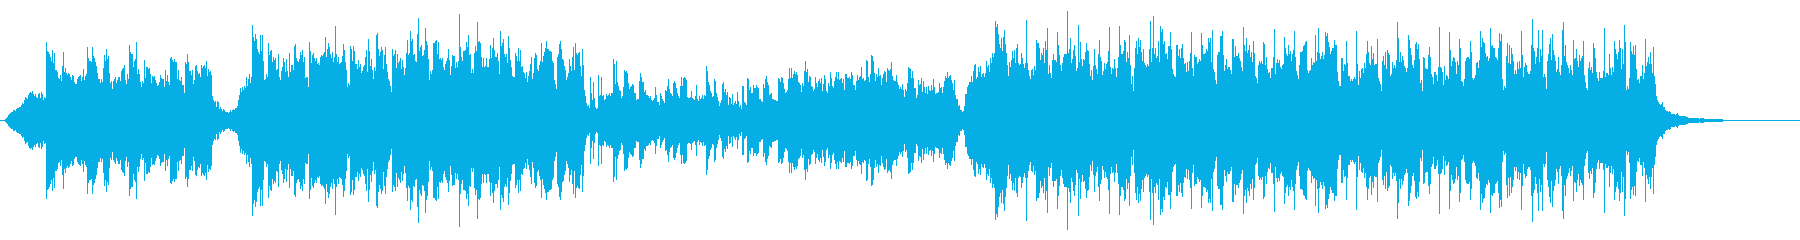 ピアノとストリングスのシンセポップの再生済みの波形